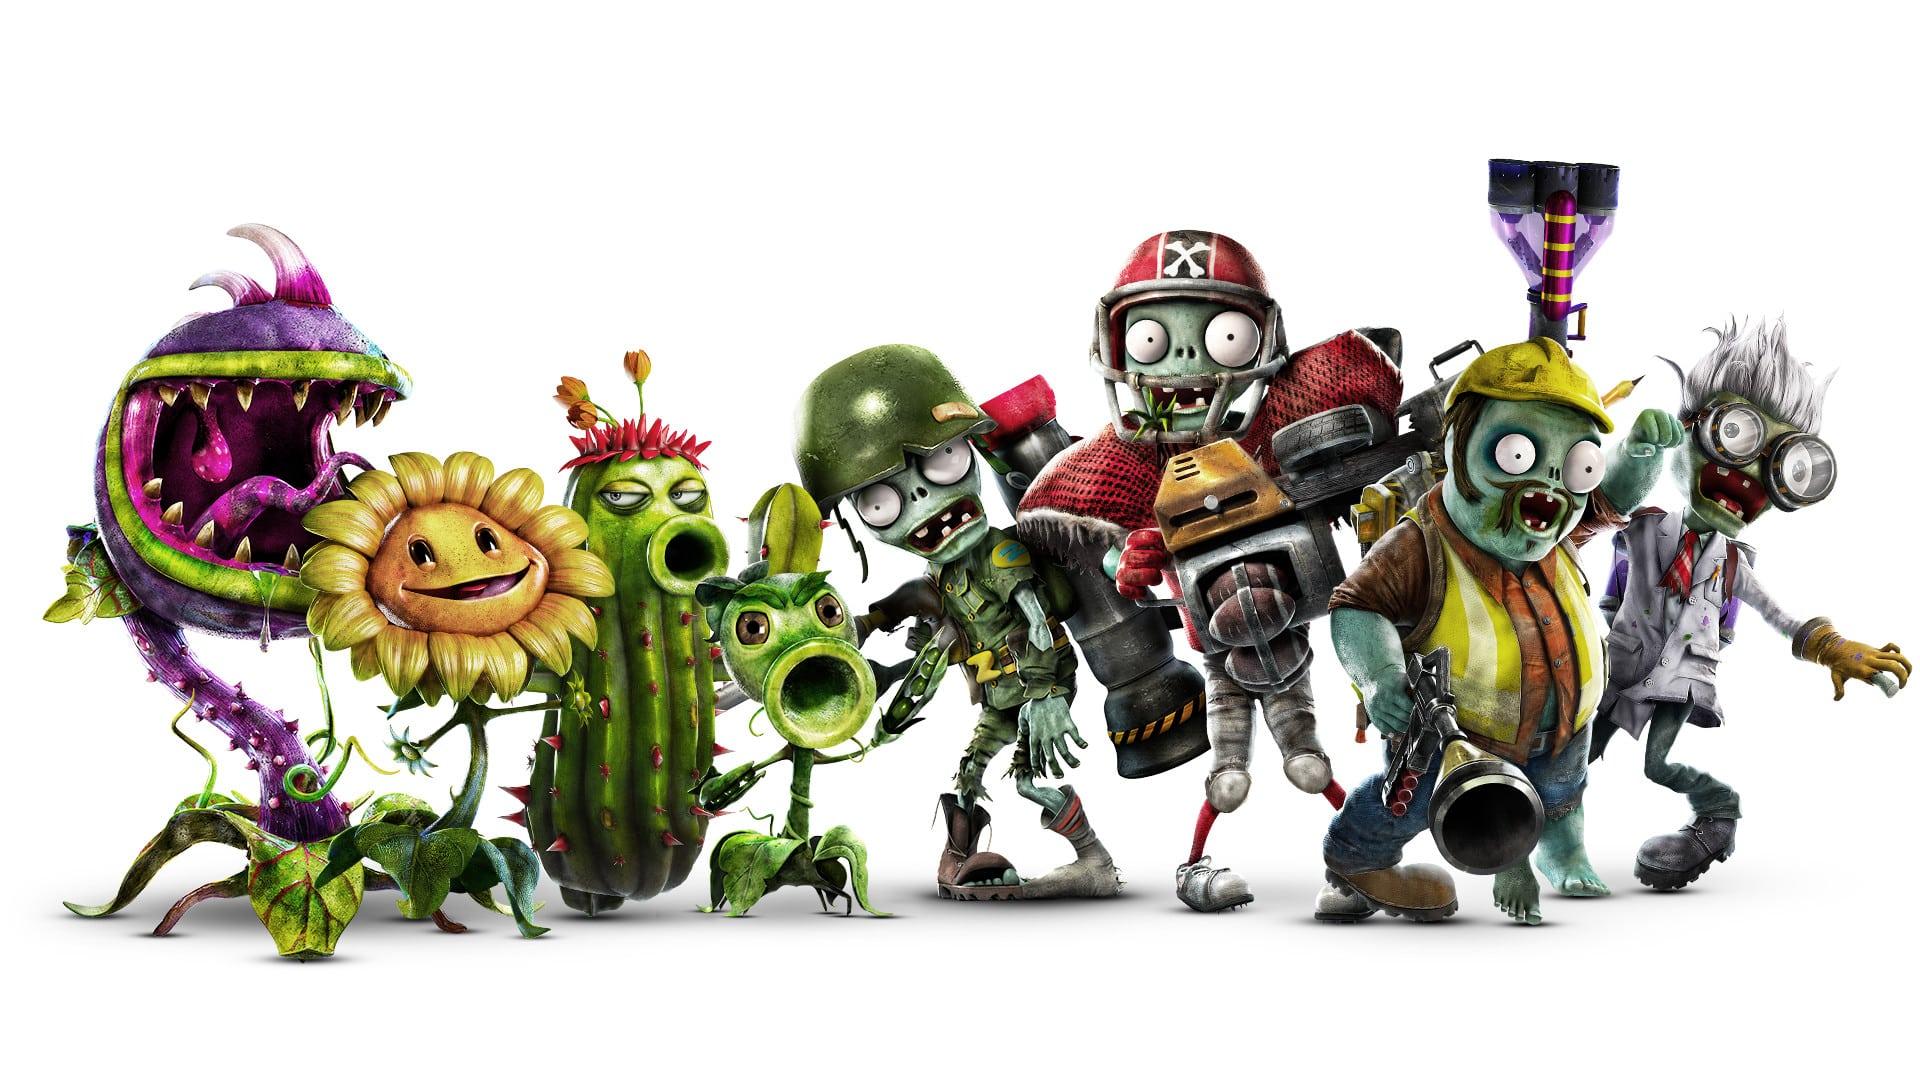 Plants vs. Zombies: Garden Warfare 2 Free